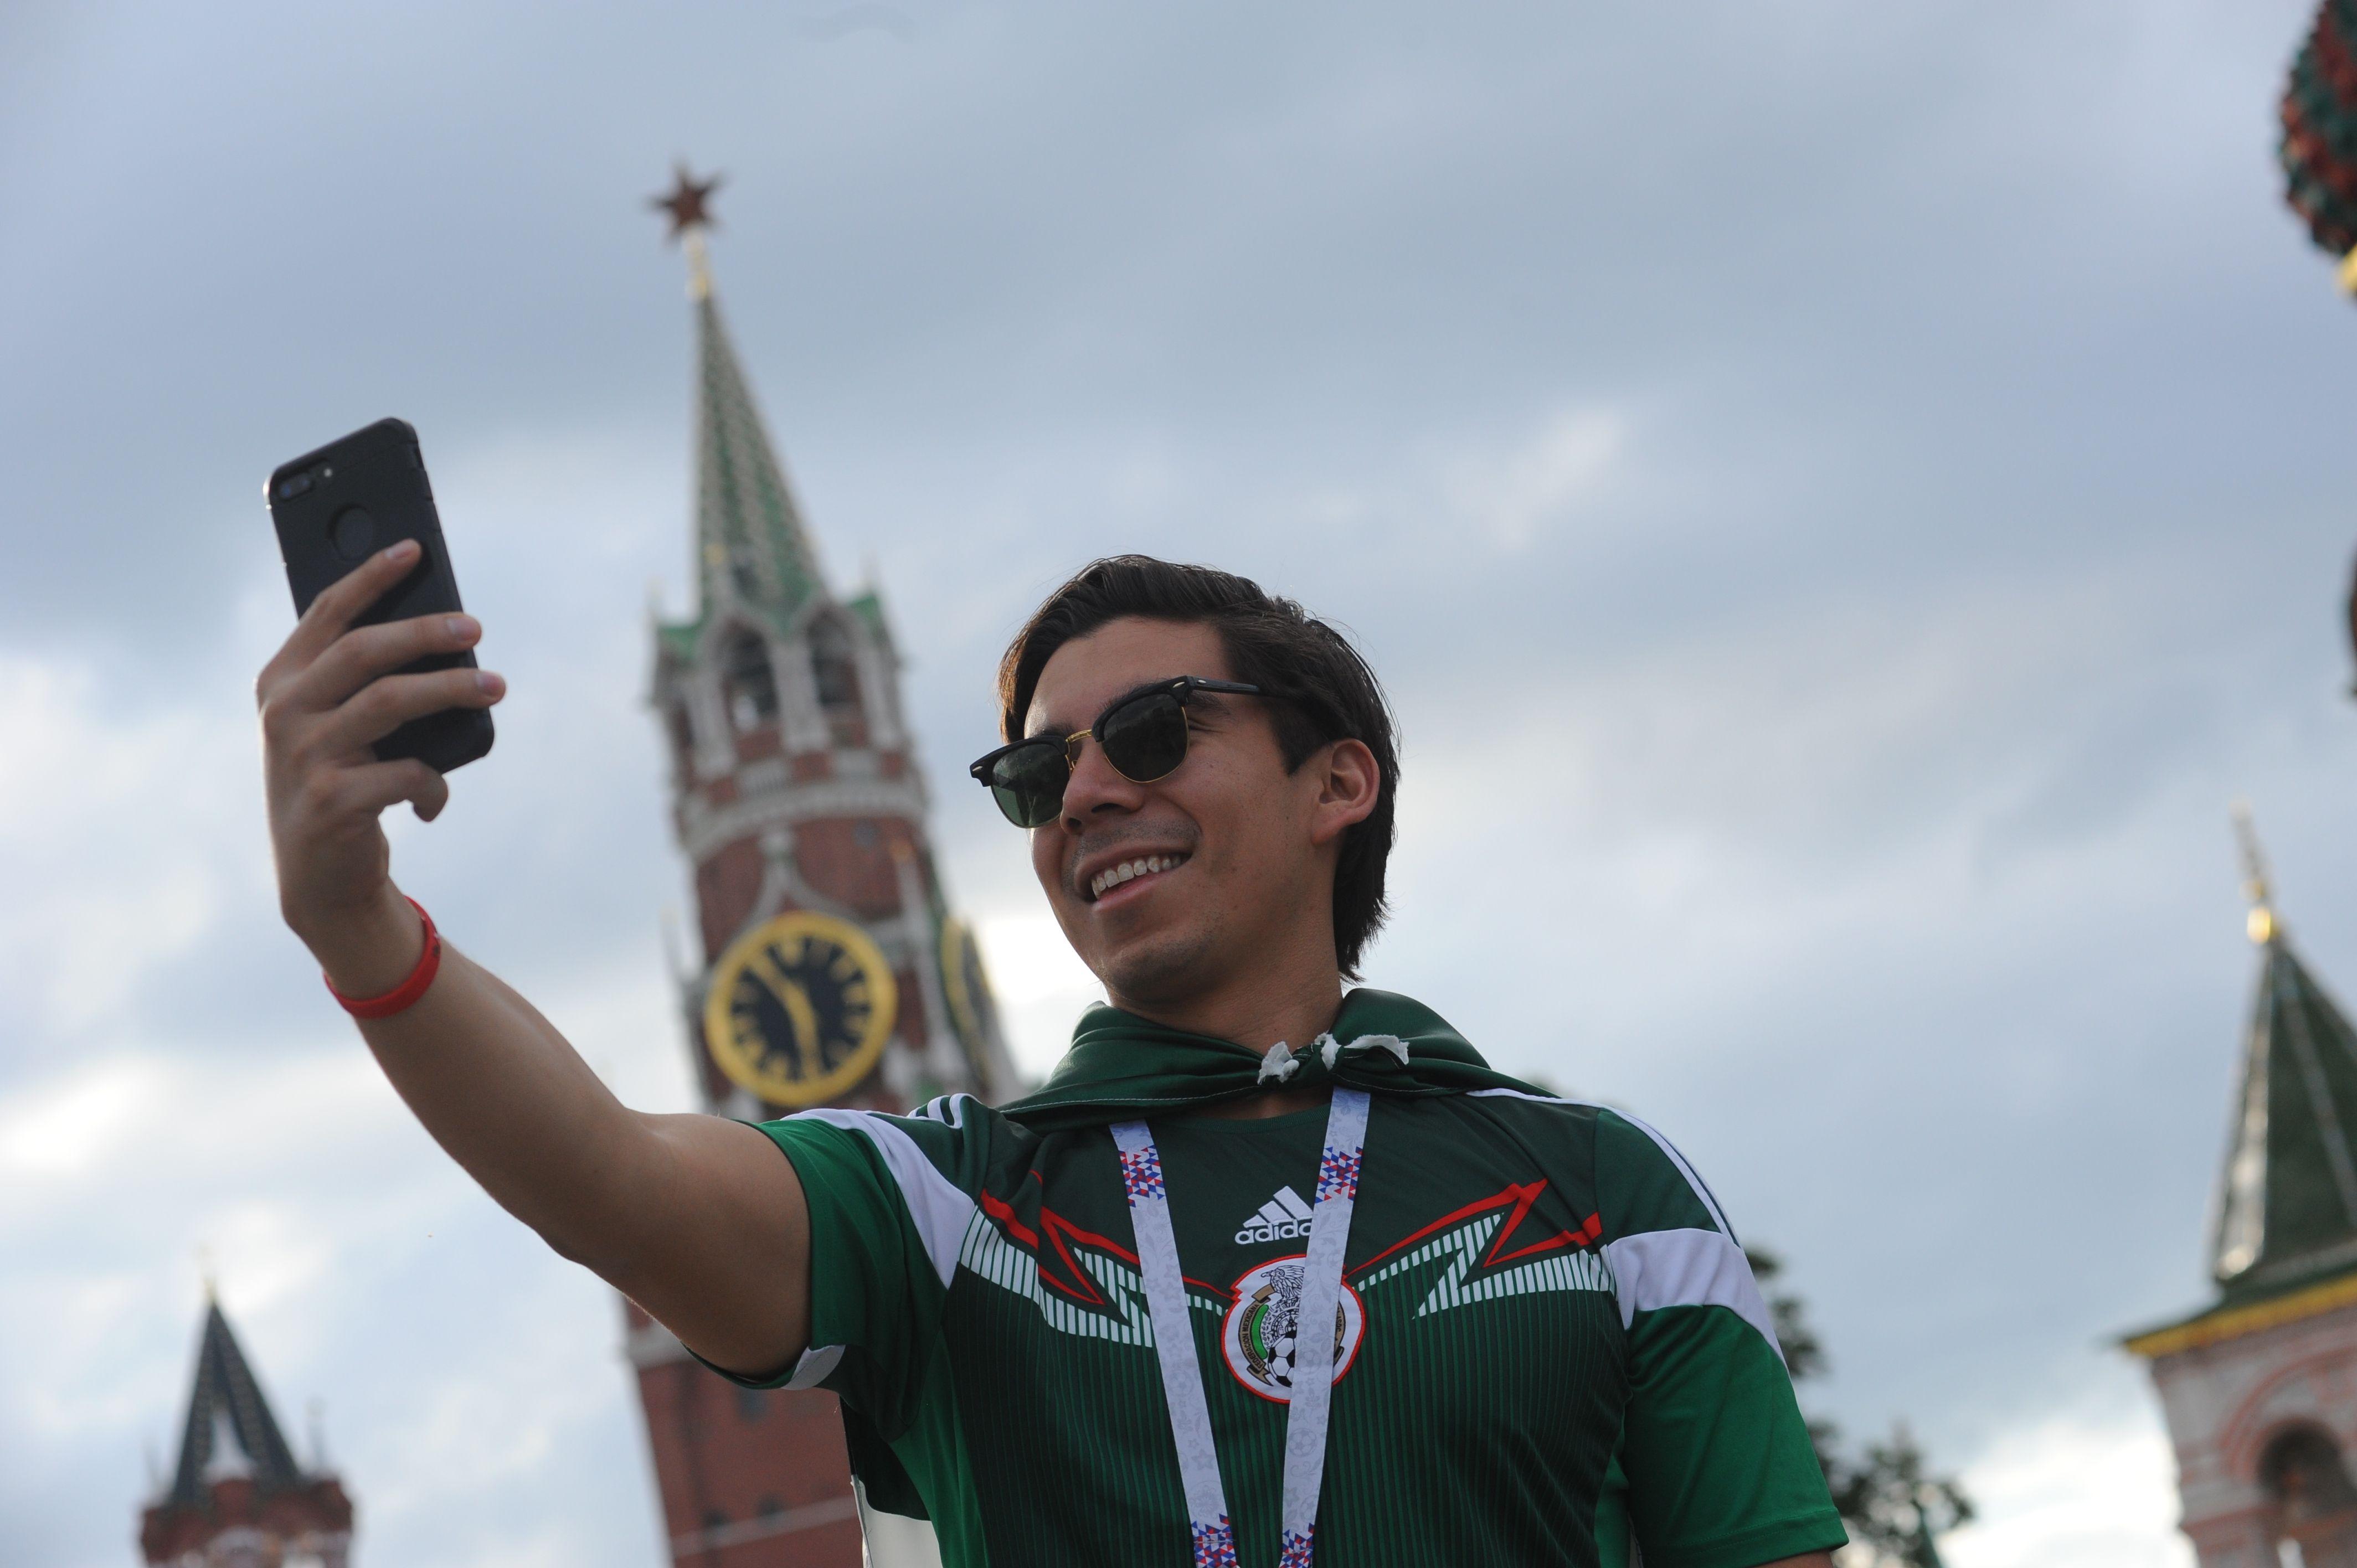 Контакт-центр для туристов принял 10 тысяч звонков в Москве